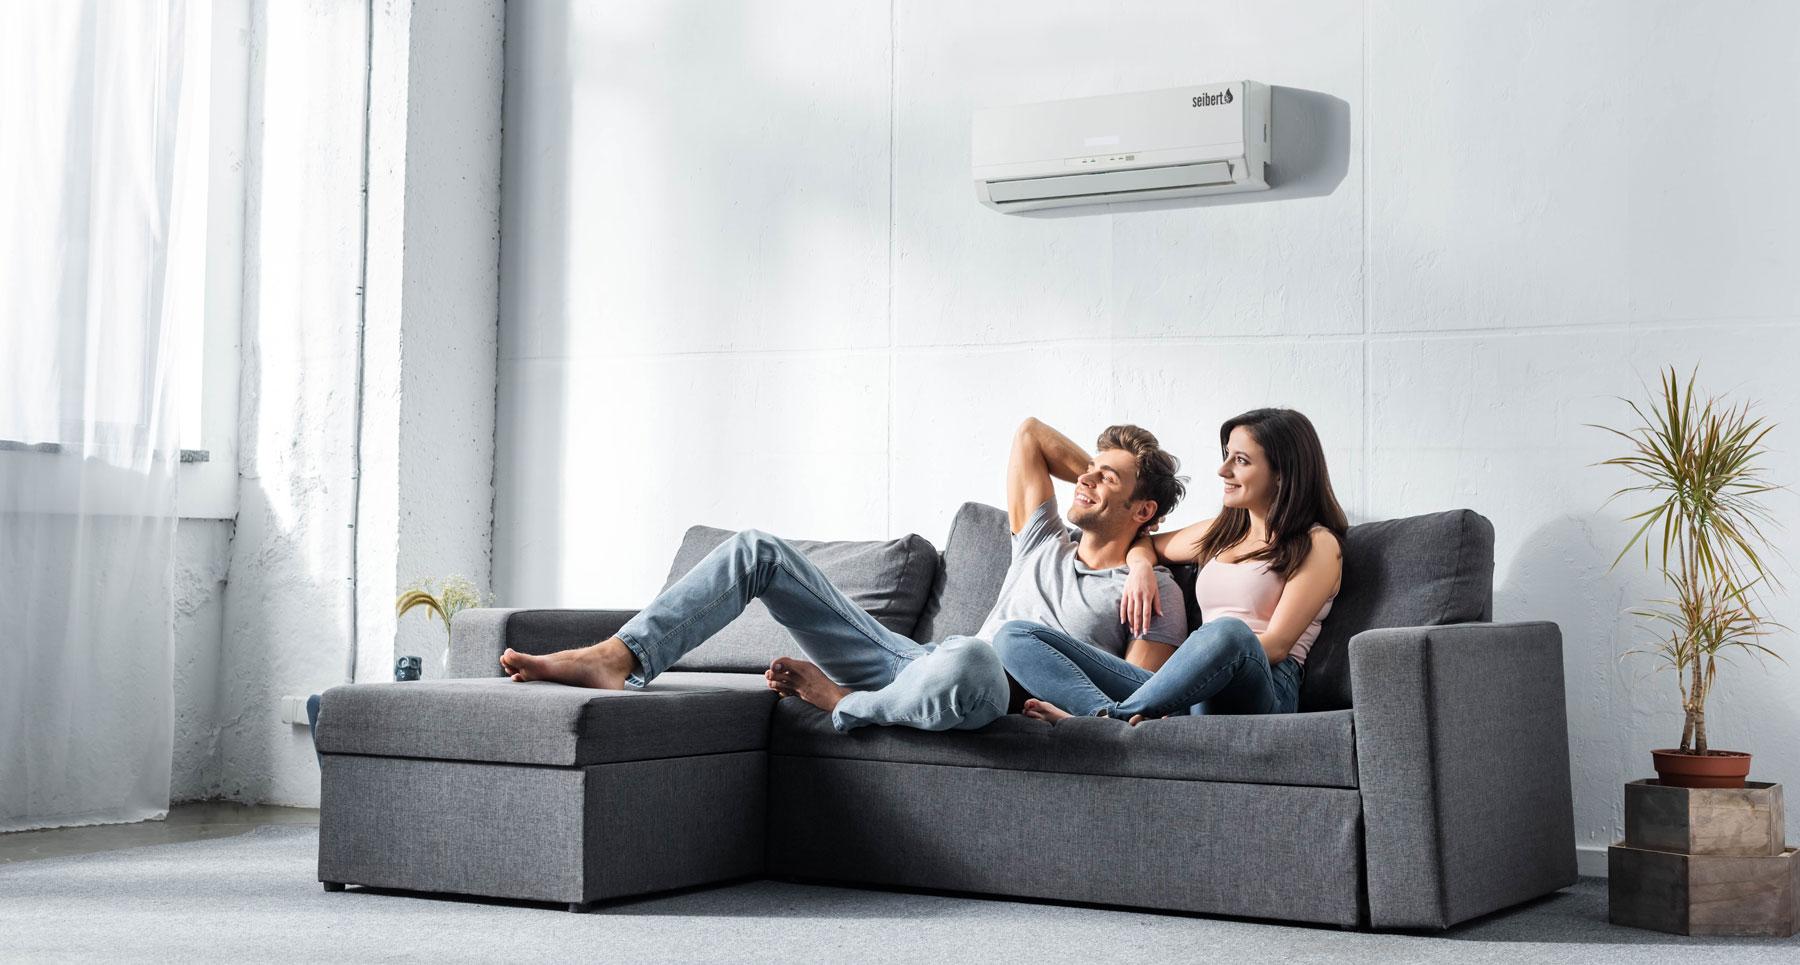 klimaanlage-in-wohnung